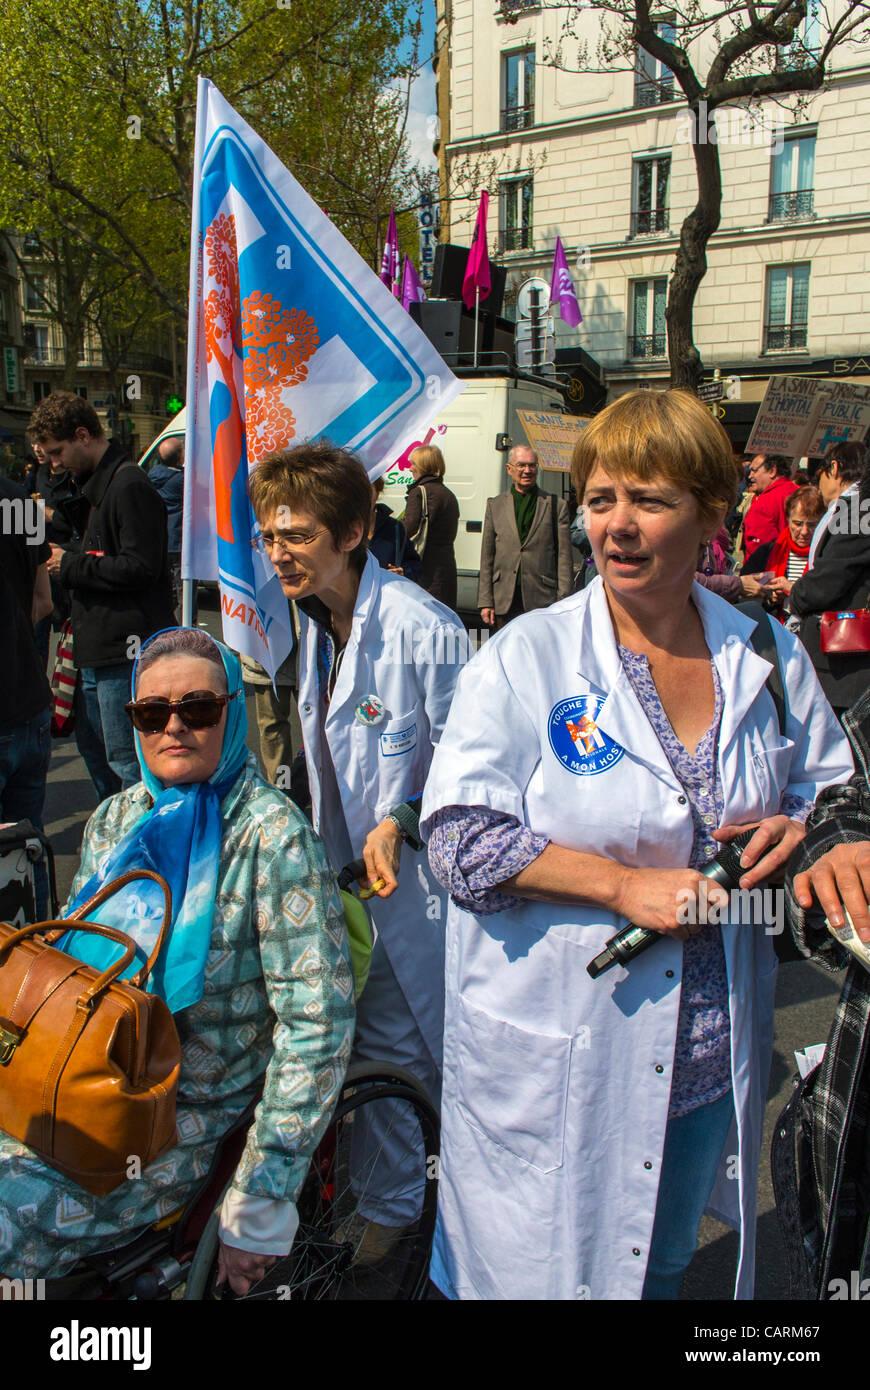 Paris, France, French Hos-pital Personnel, Nurses, Protesting Rally with 'Collectif Notre Santé en Danger' - Stock Image